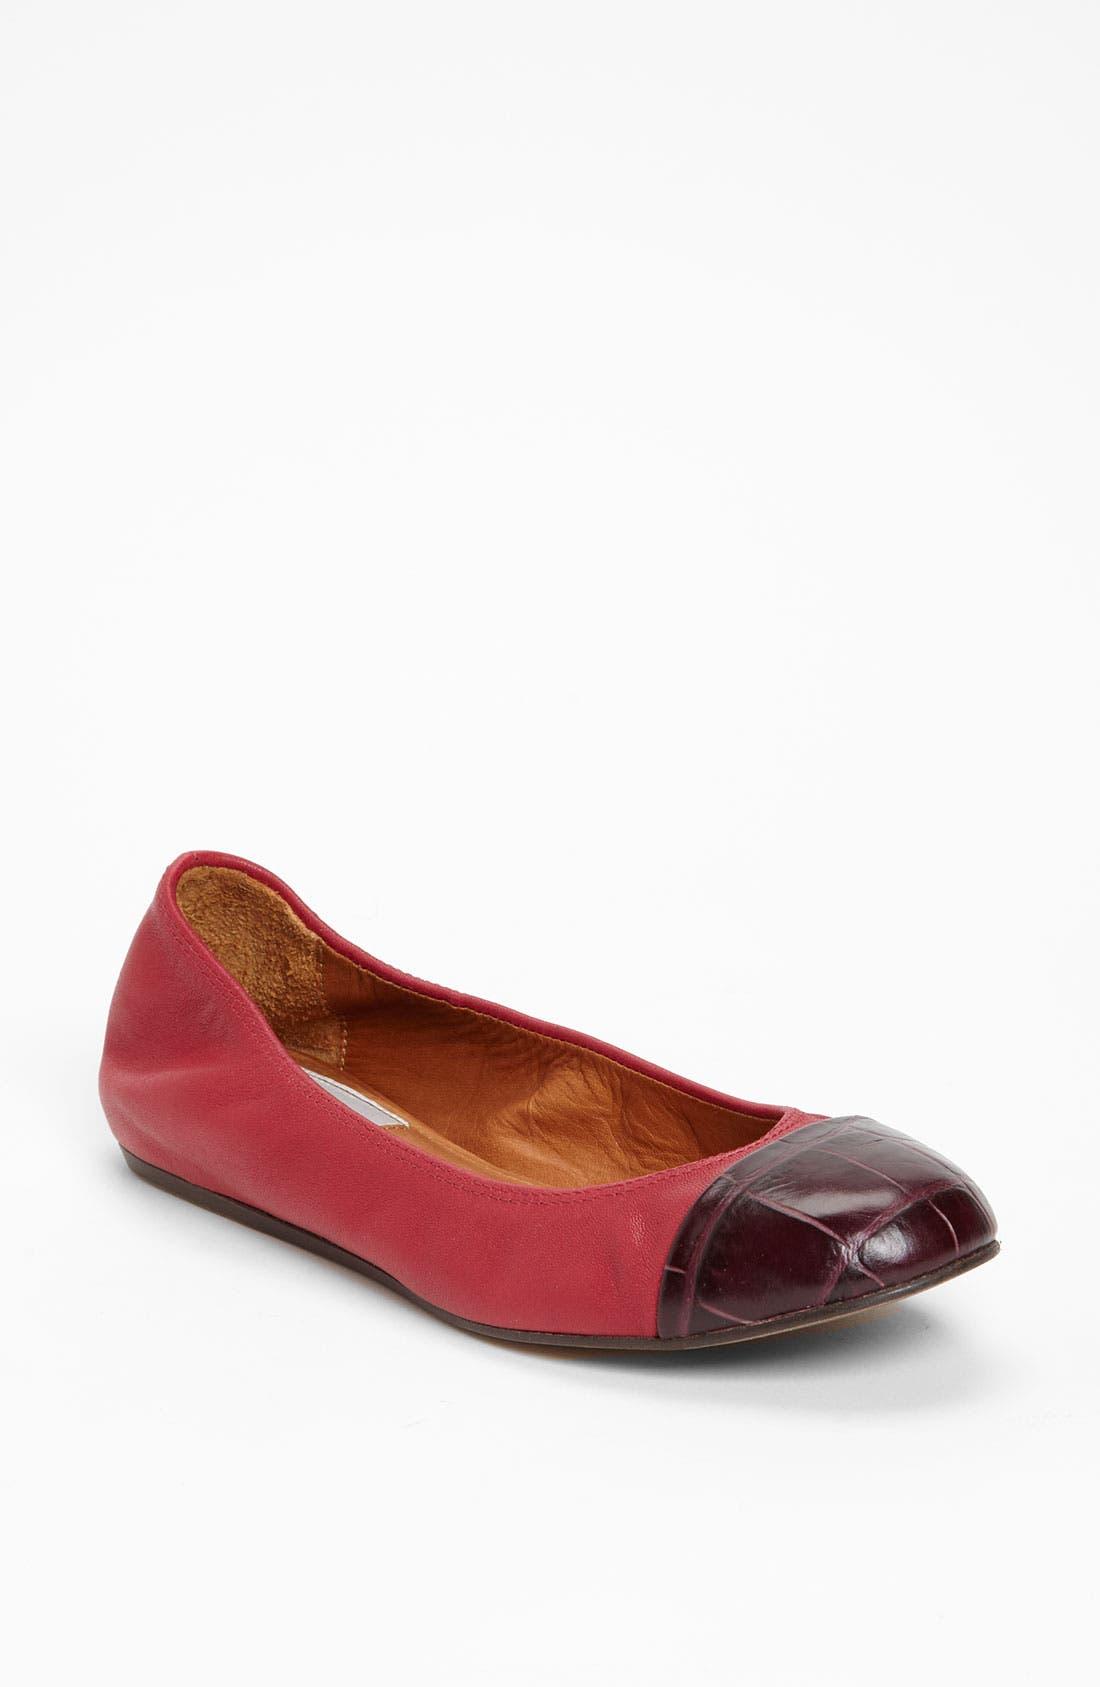 Main Image - Lanvin Cap Toe Ballerina Flat